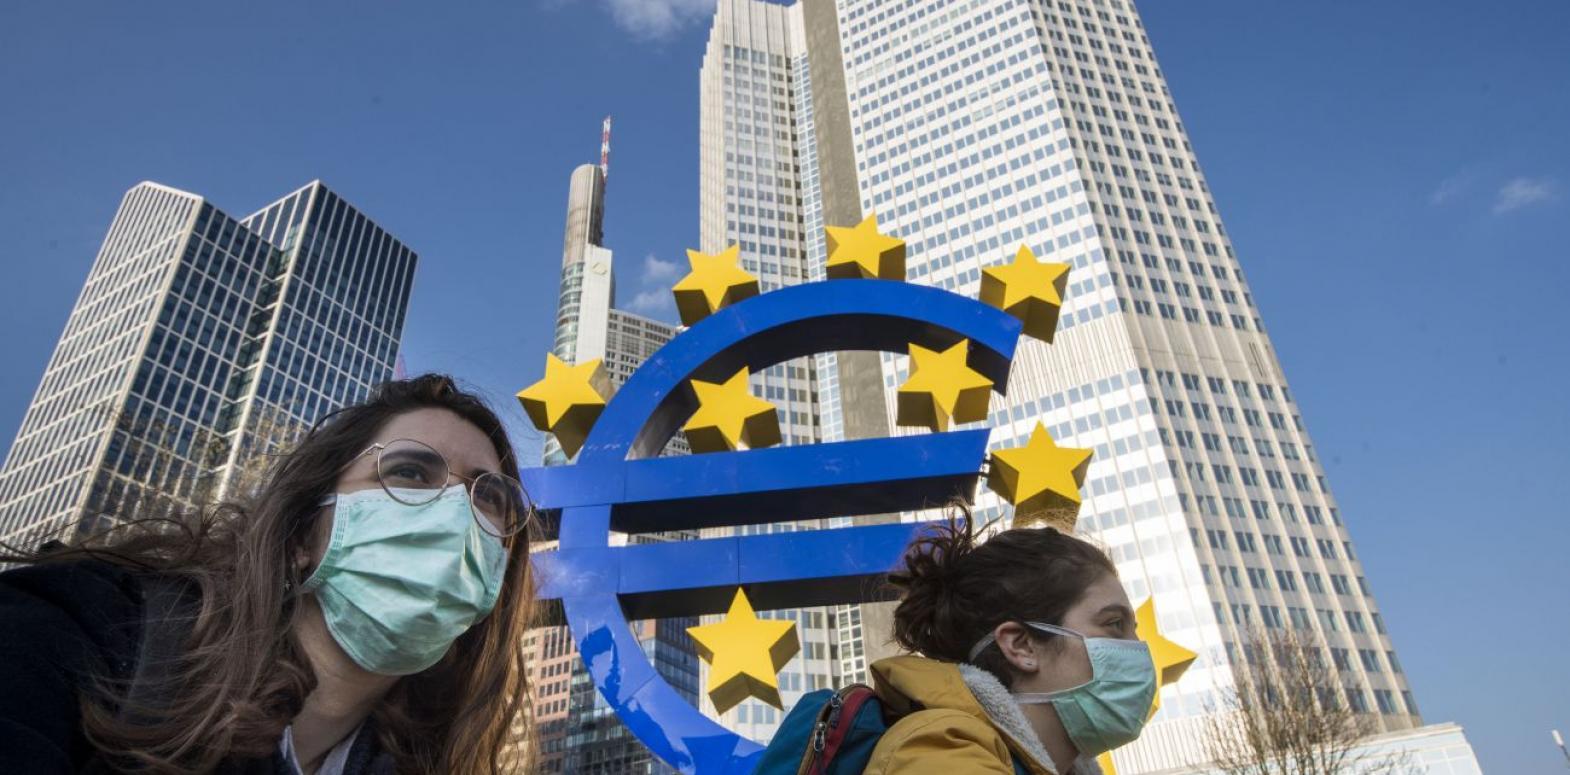 Экономика еврозоны возобновила рост, но пока не вышла на пандемический уровень